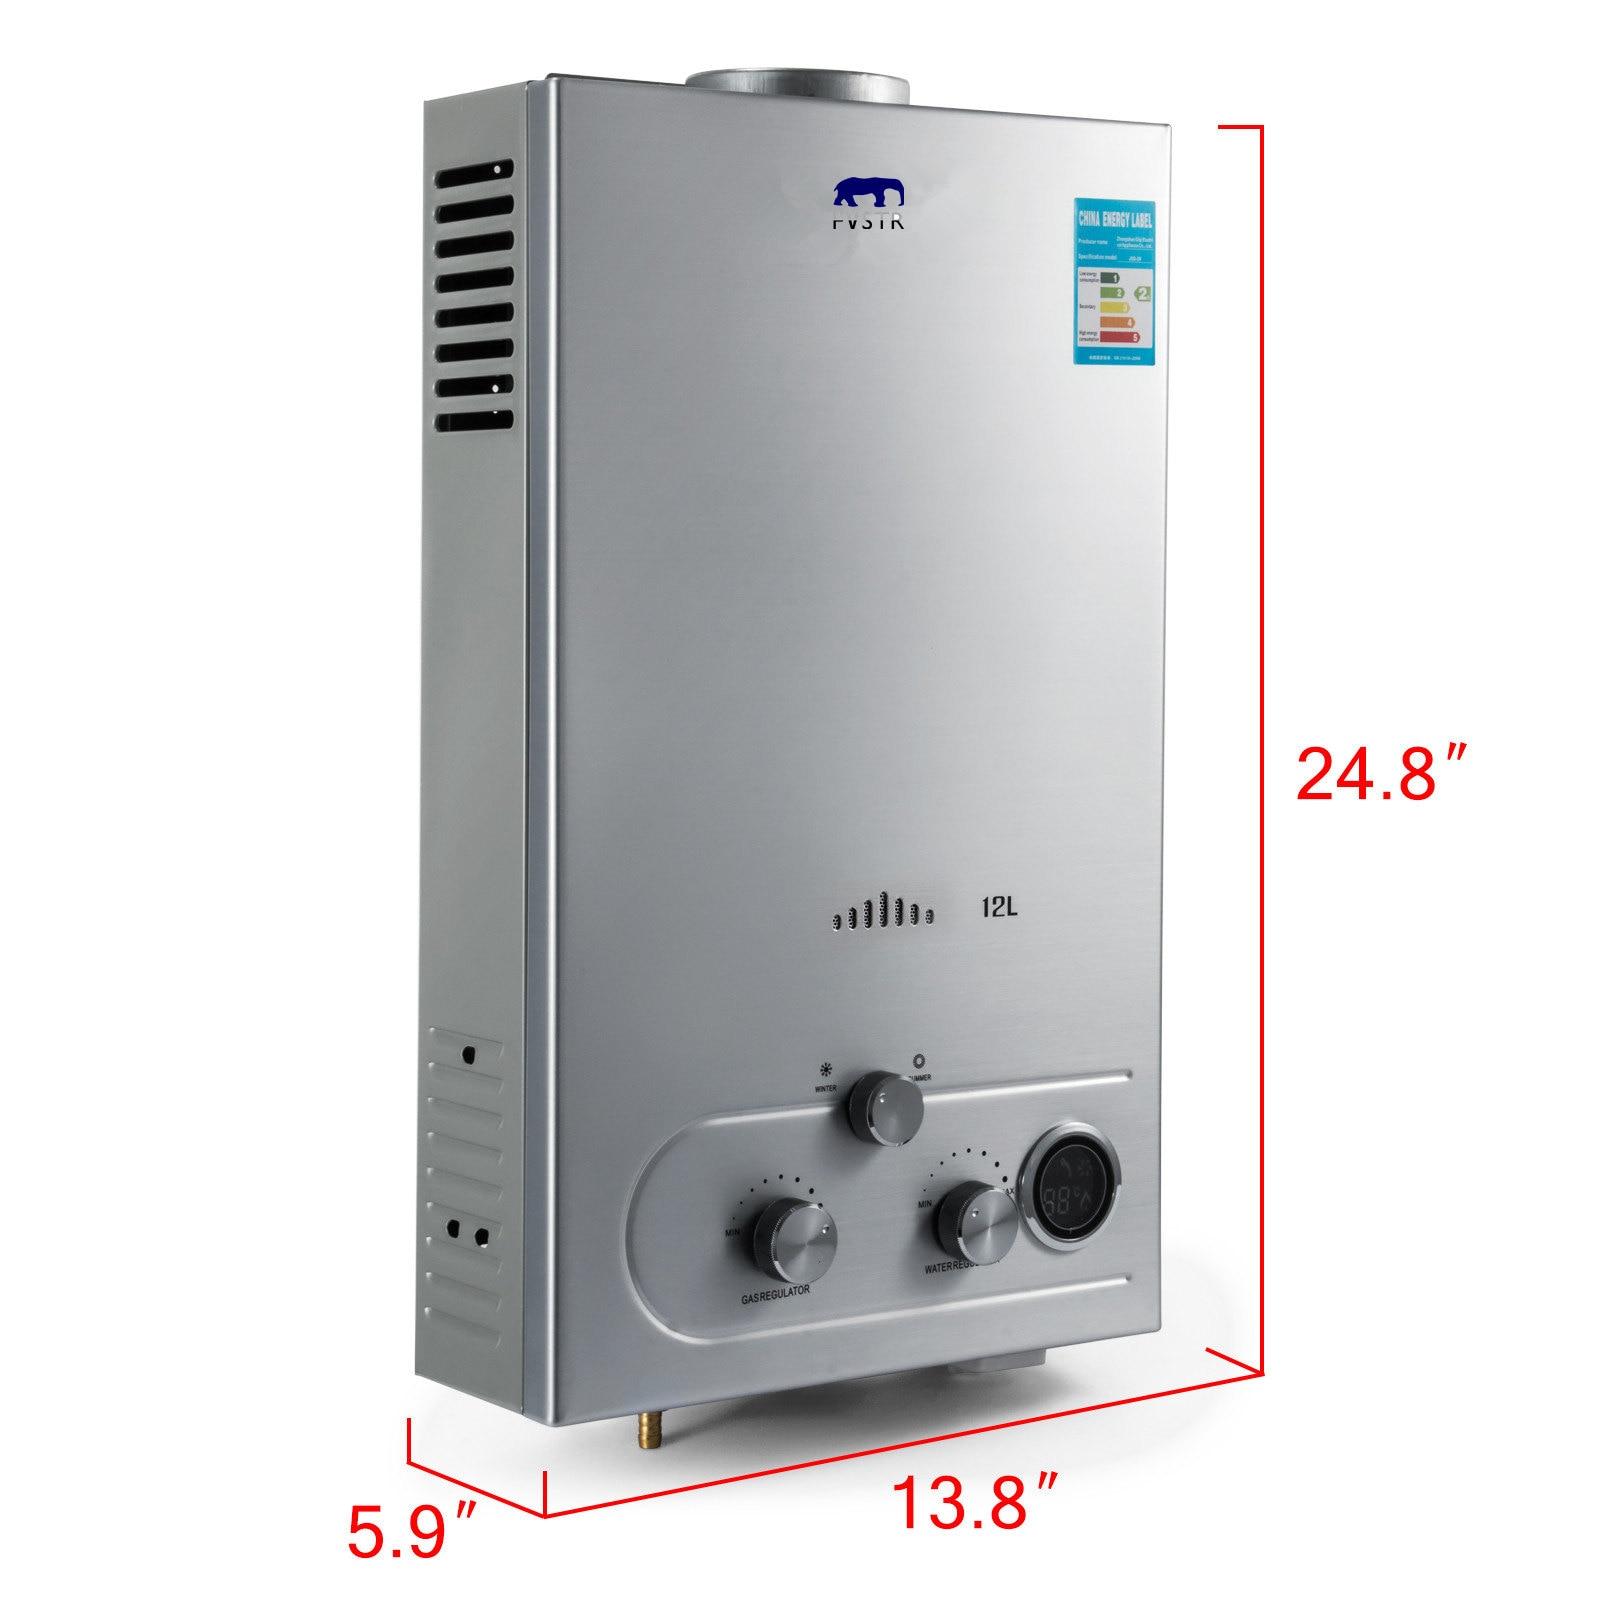 (NZ, AU) livraison gratuite offres spéciales chauffe-eau portable CE Lgp instantané/sans réservoir 6-18L Lpg chauffe-eau Propane inoxydable 2800pa - 3